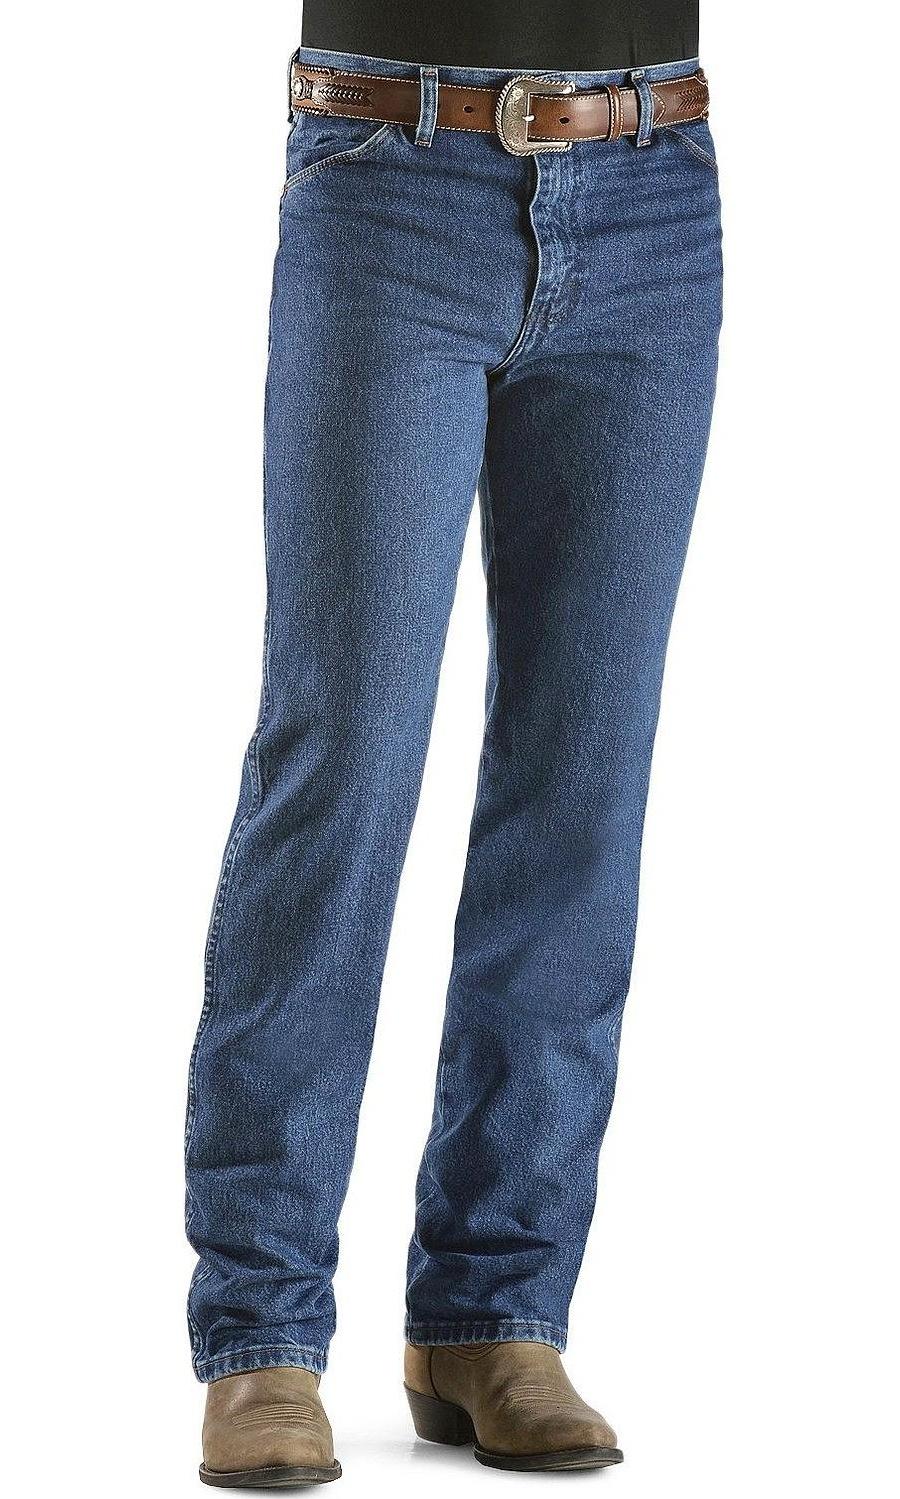 5b9c0405 Wrangler - wrangler men's cowboy cut slim fit jean,dark stone,40x34 ...